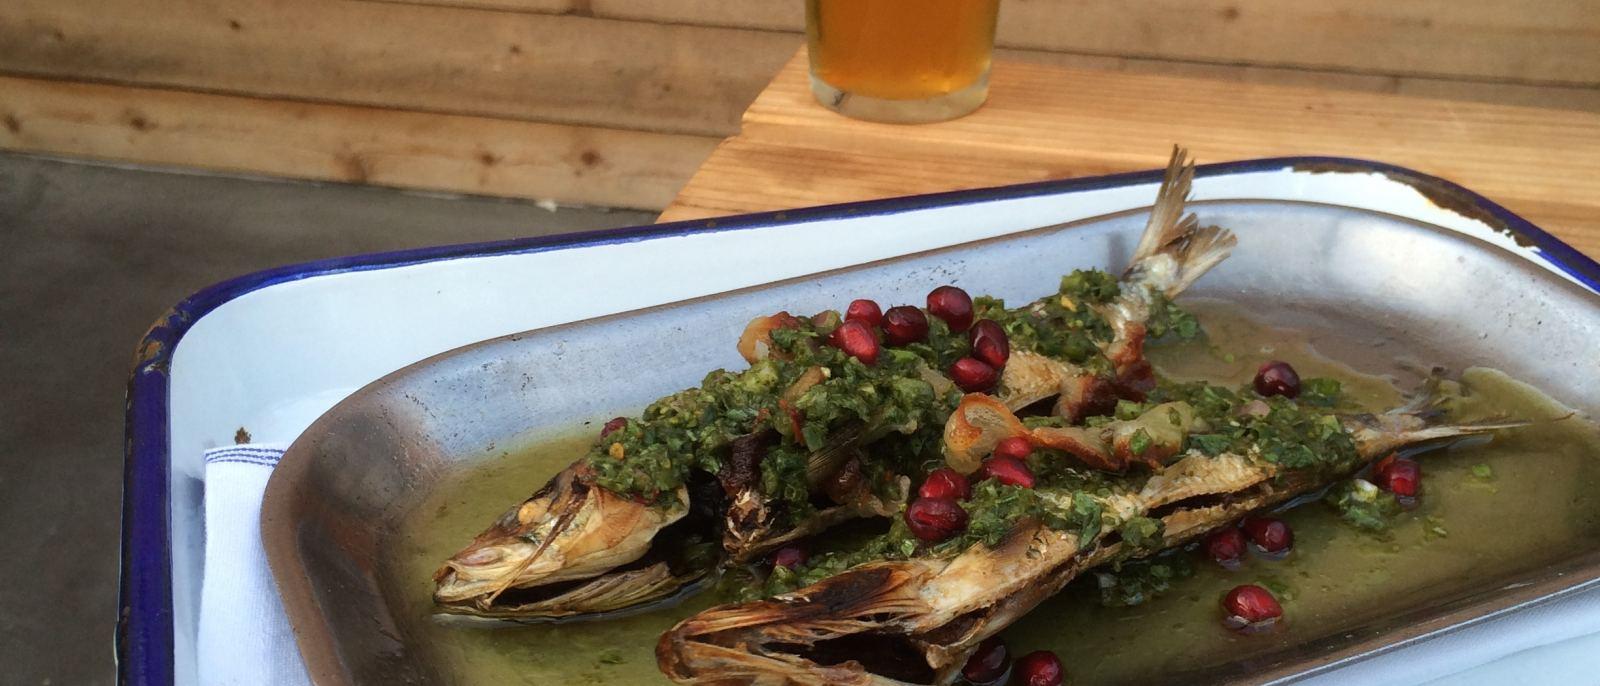 Broiled sardines at Playa Provisions